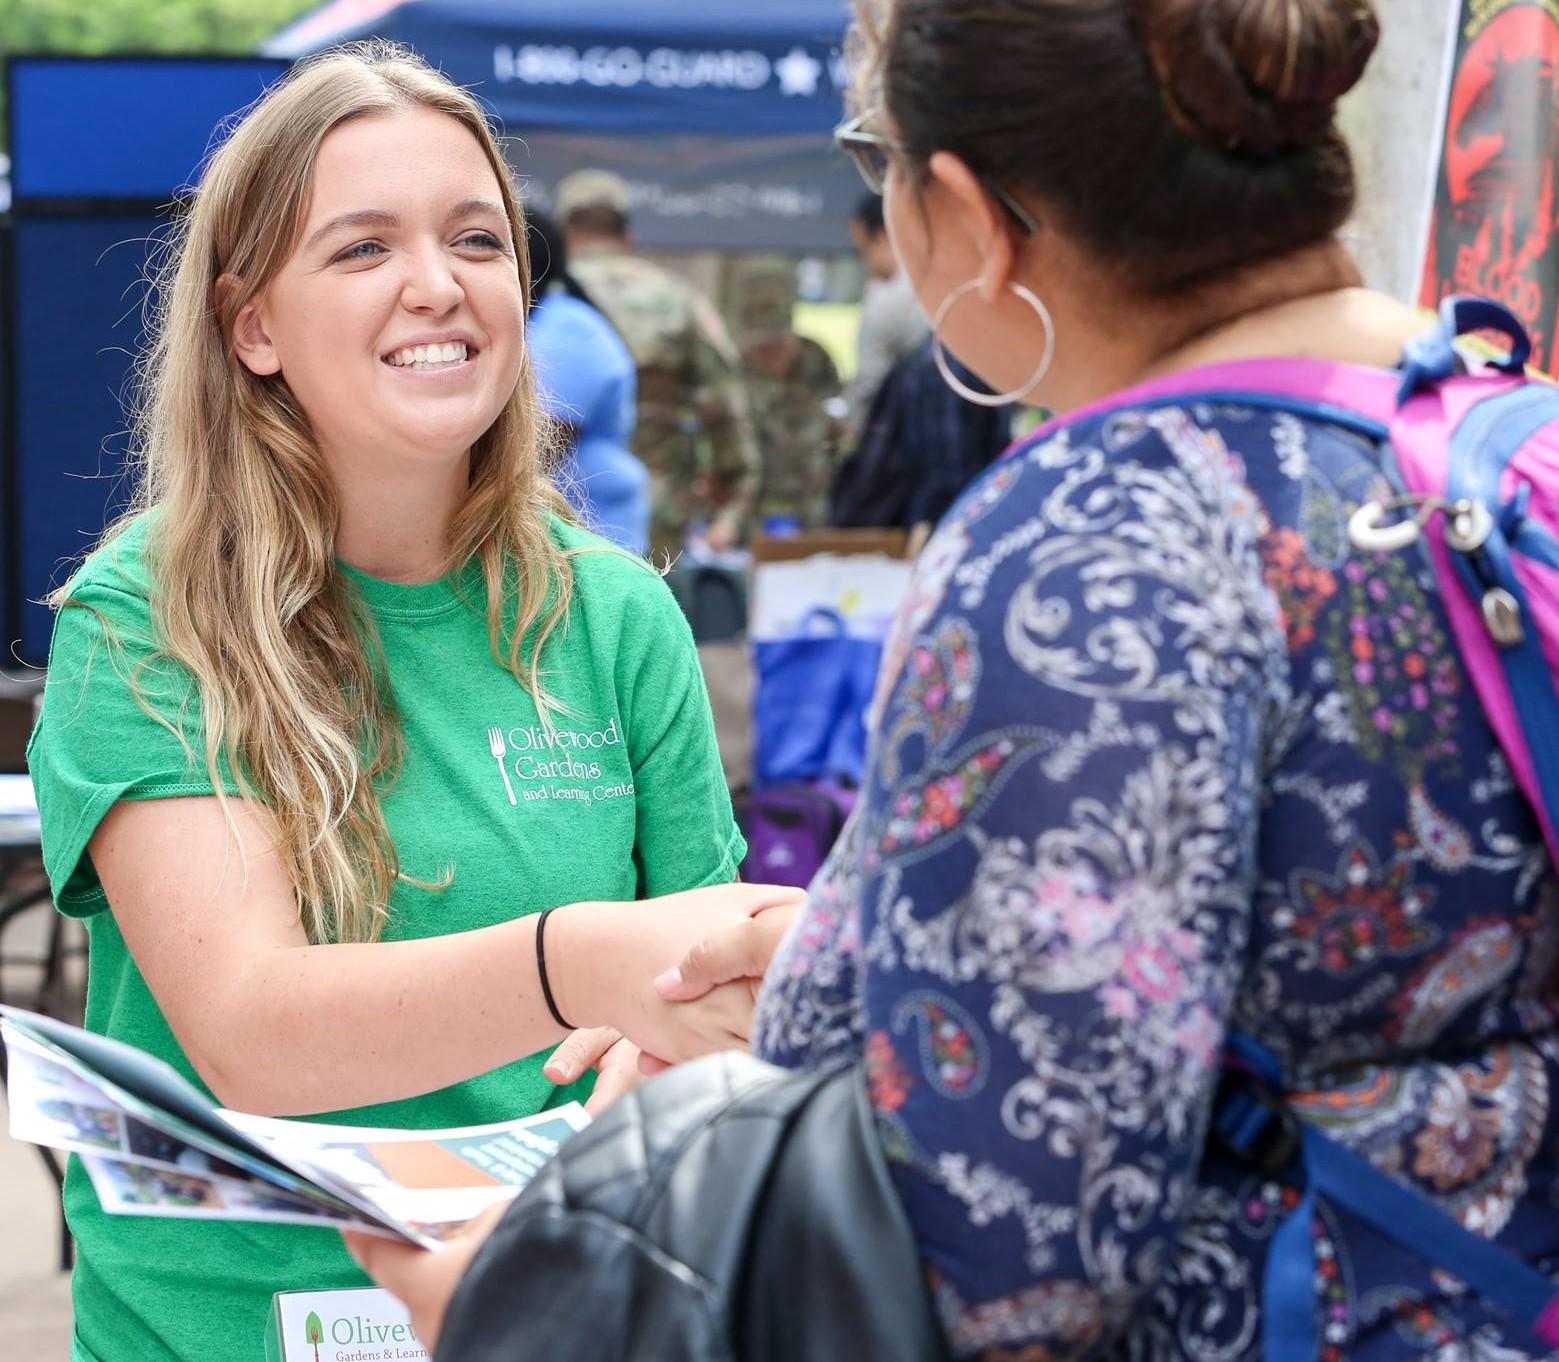 SWC Spring Semester Job Fair